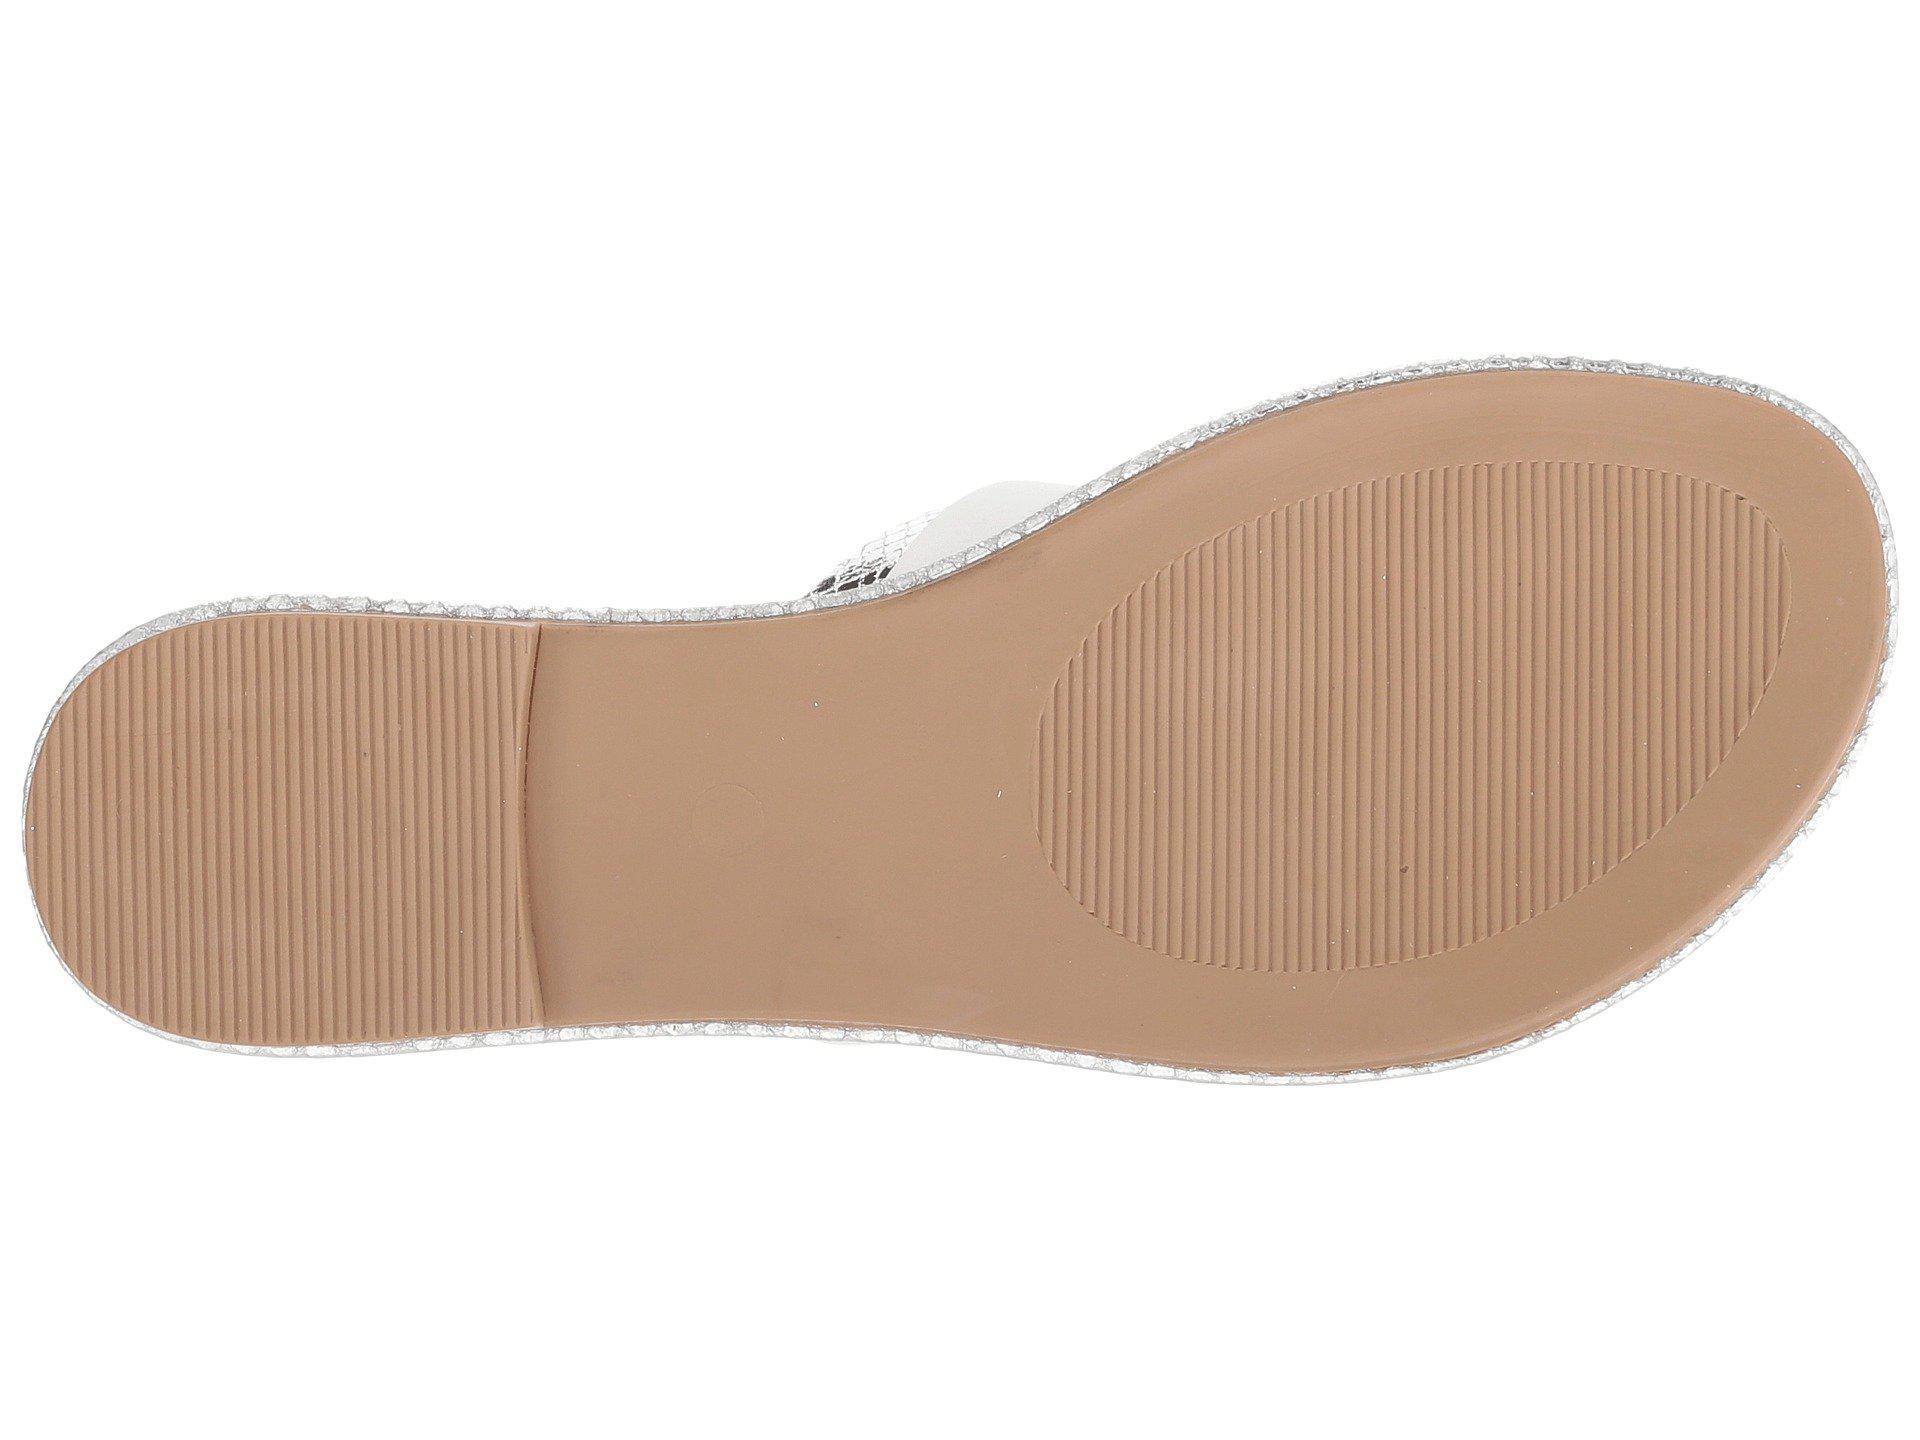 1050efd48ea95b Lyst - Seychelles Publicity (white silver) Women s Sandals